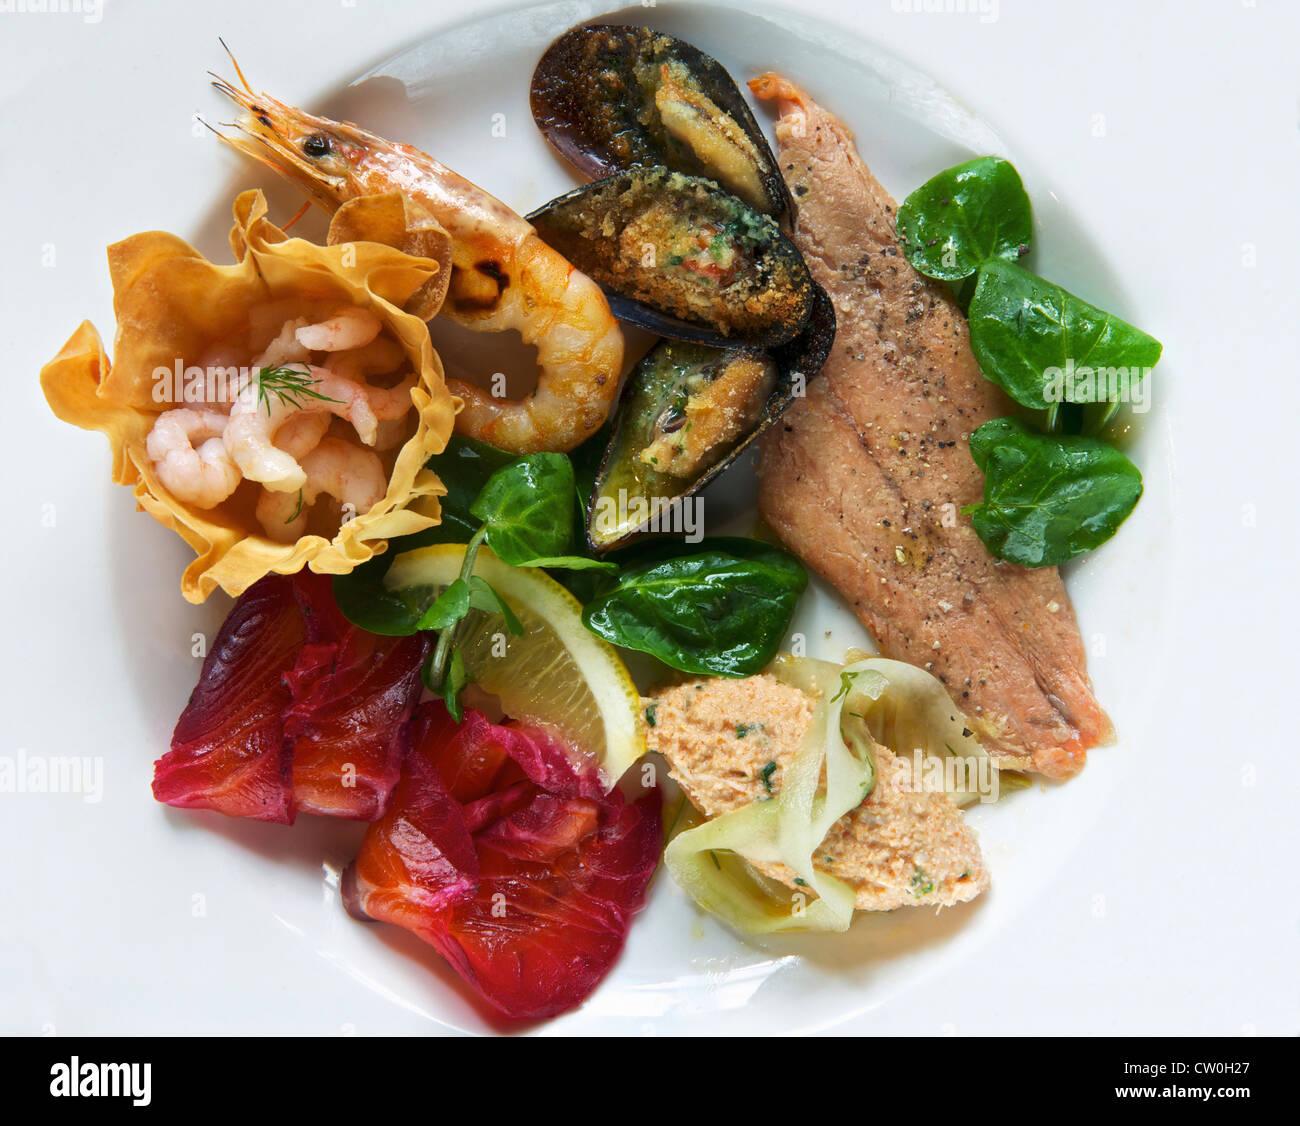 Plate of smoked seafood - Stock Image